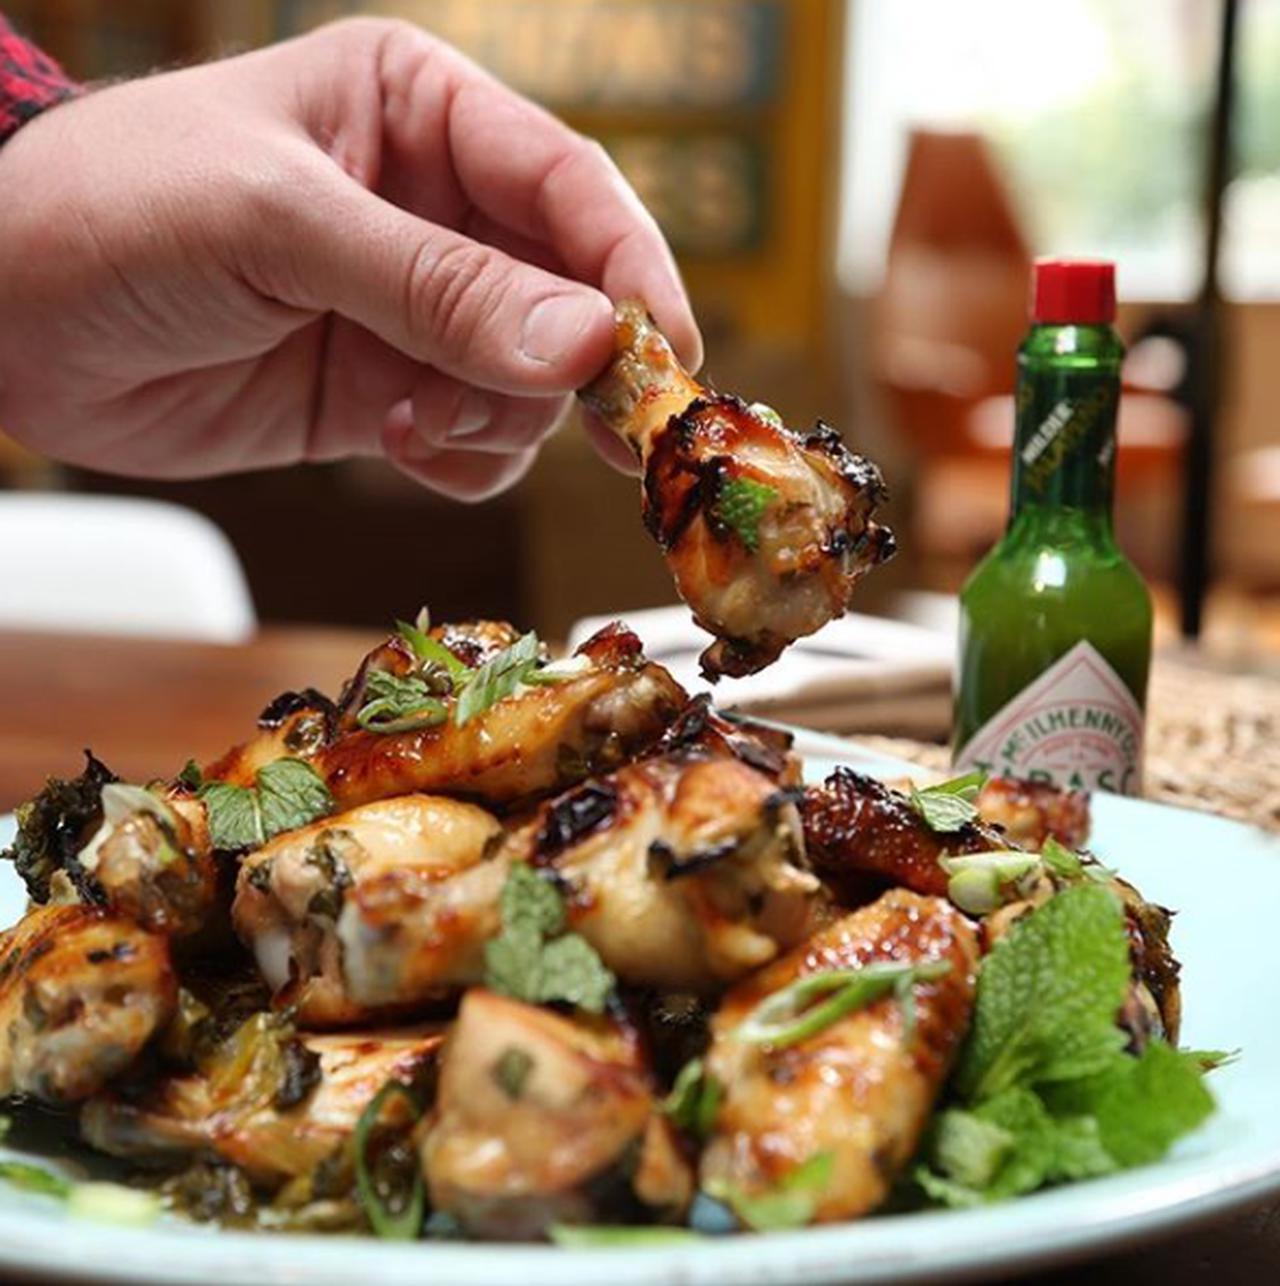 画像1: 「TABASCO®ソース」で海外旅行気分を味わえるレシピ